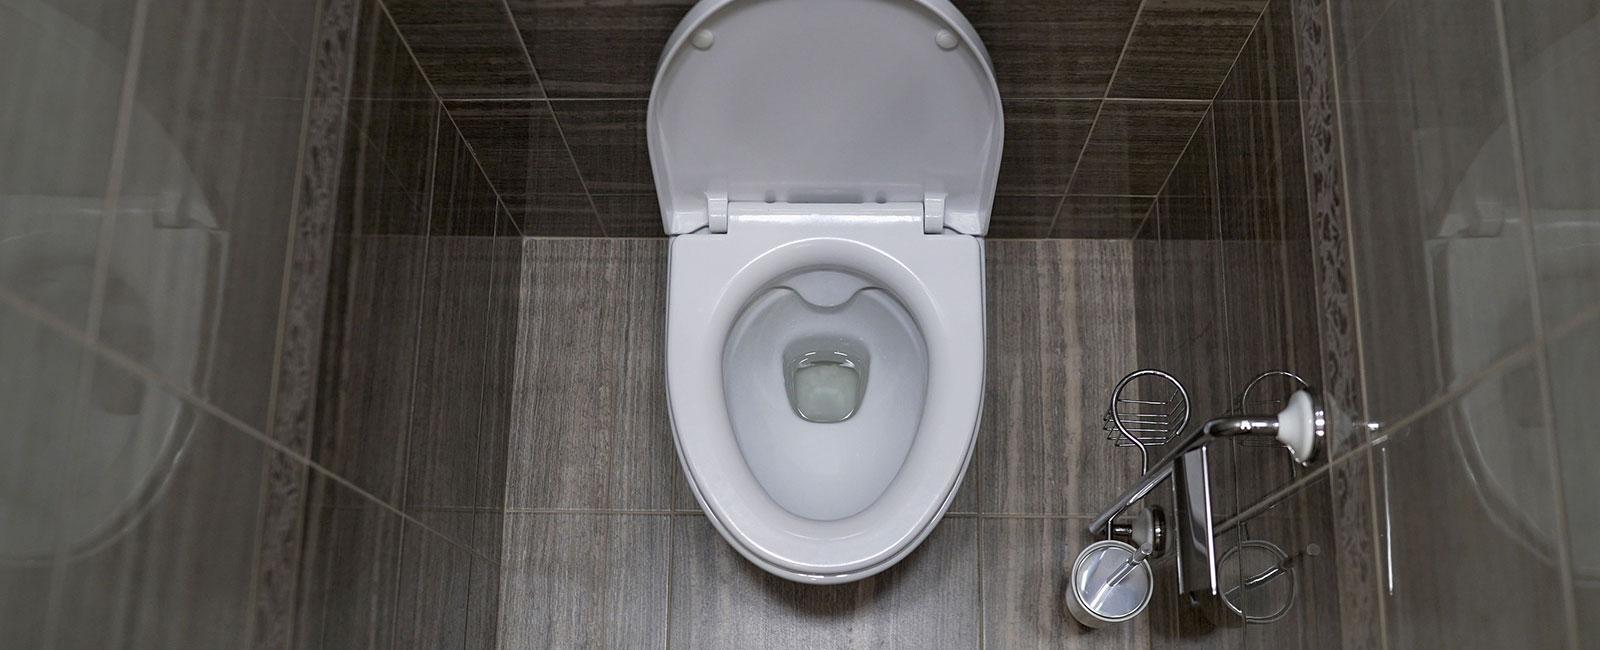 Toilet Mobile